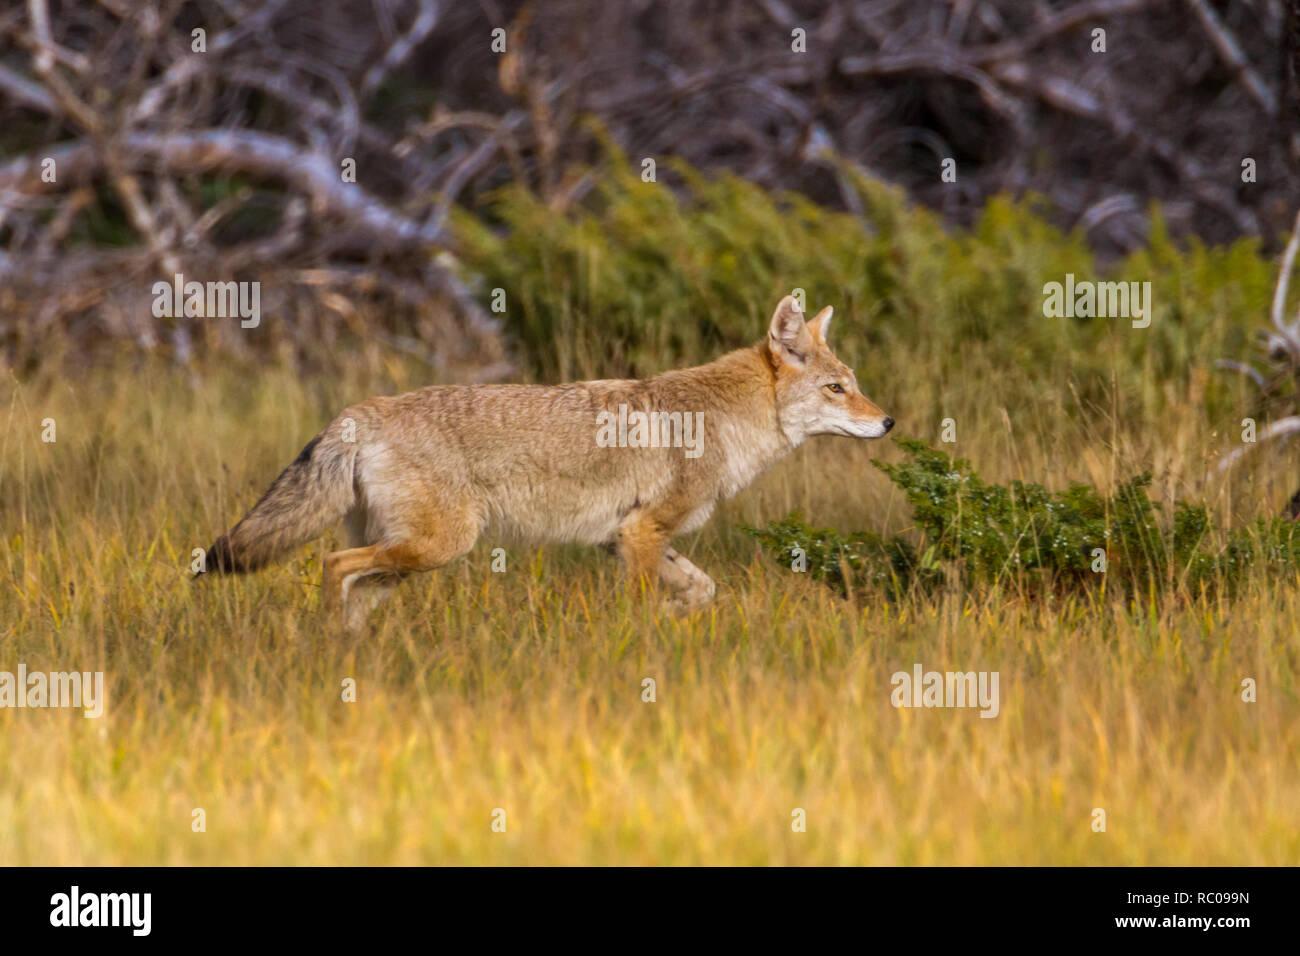 Vista laterale della wild coyote si muove attraverso l'erba nei pressi di alberi come essa si sposta nel Parco Nazionale di Banff in luce della sera. Immagini Stock